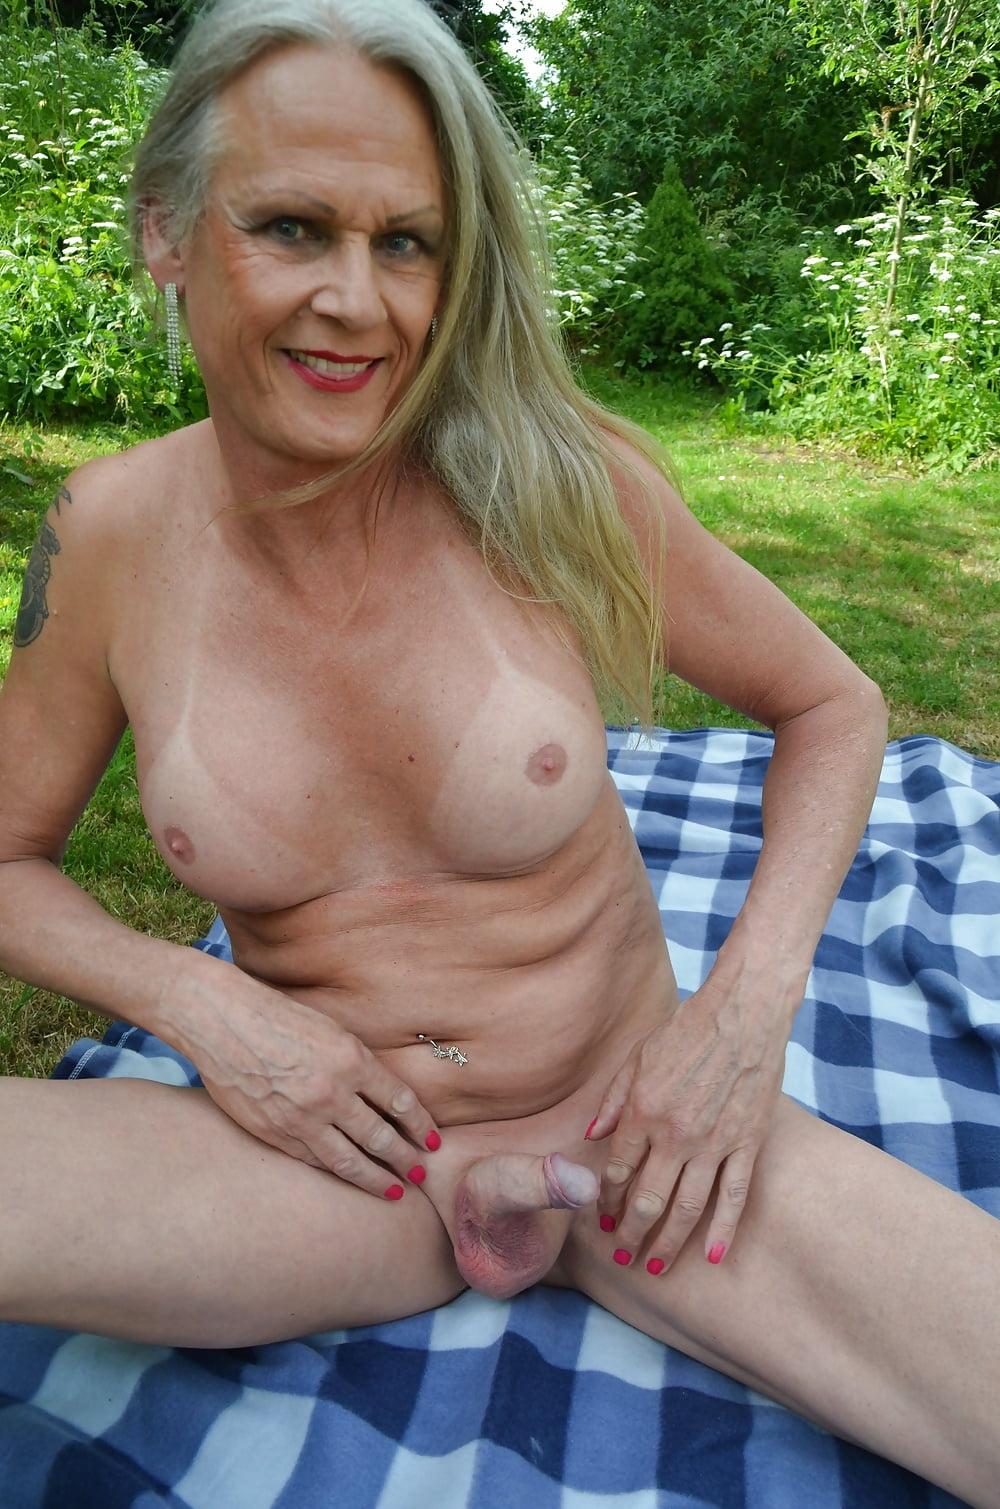 striptease String bikini